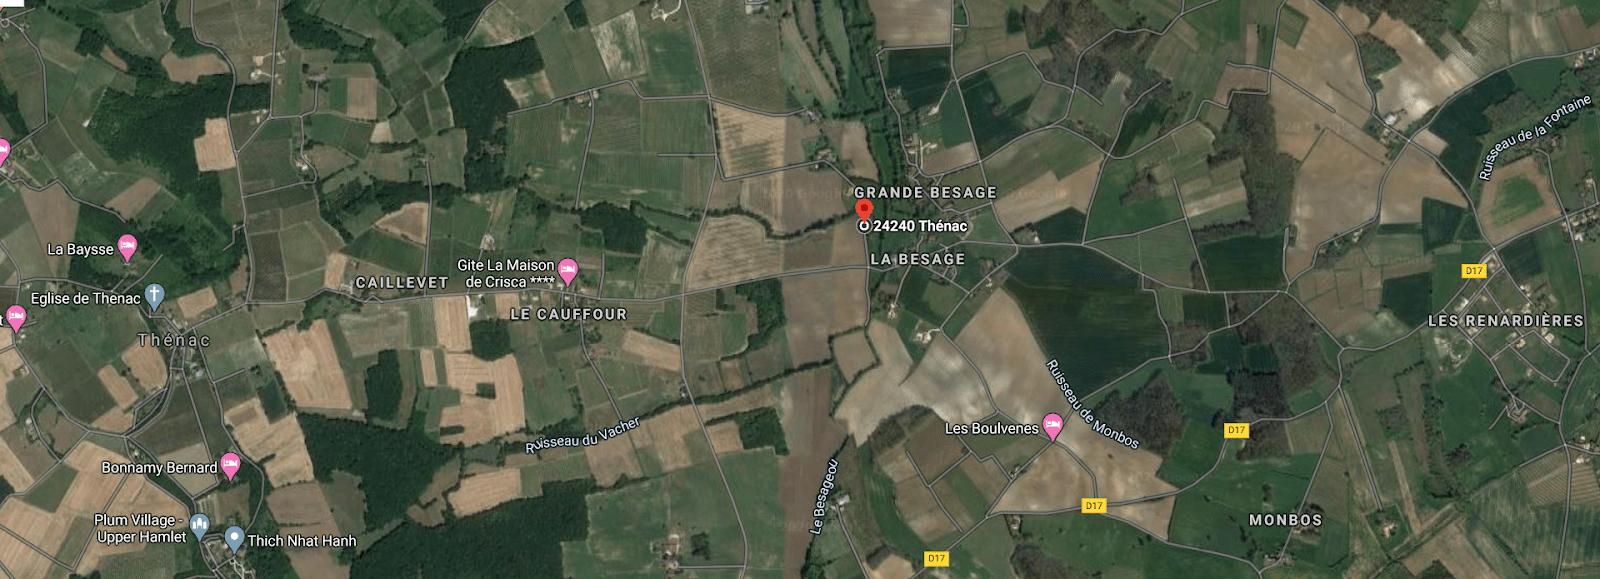 Le Petit Bois Martin map